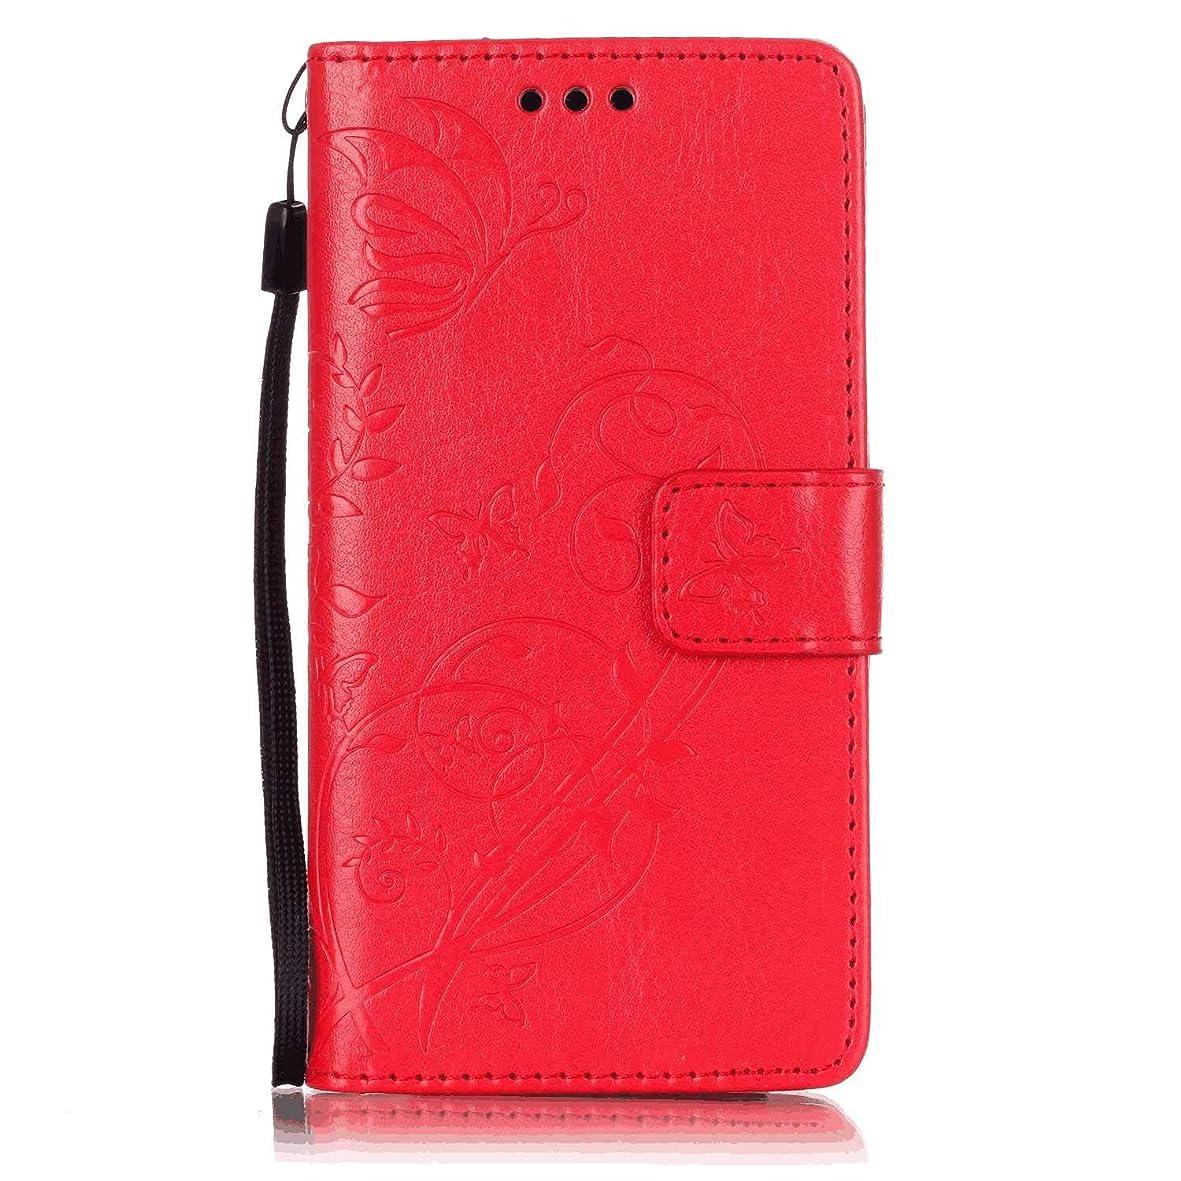 平和ハード開発するSamsung Galaxy S9 PUレザー ケース, 手帳型 ケース 本革 スマートフォンカバー 耐衝撃 ビジネス カバー収納 財布 手帳型ケース Samsung Galaxy サムスン ギャラクシー S9 レザーケース